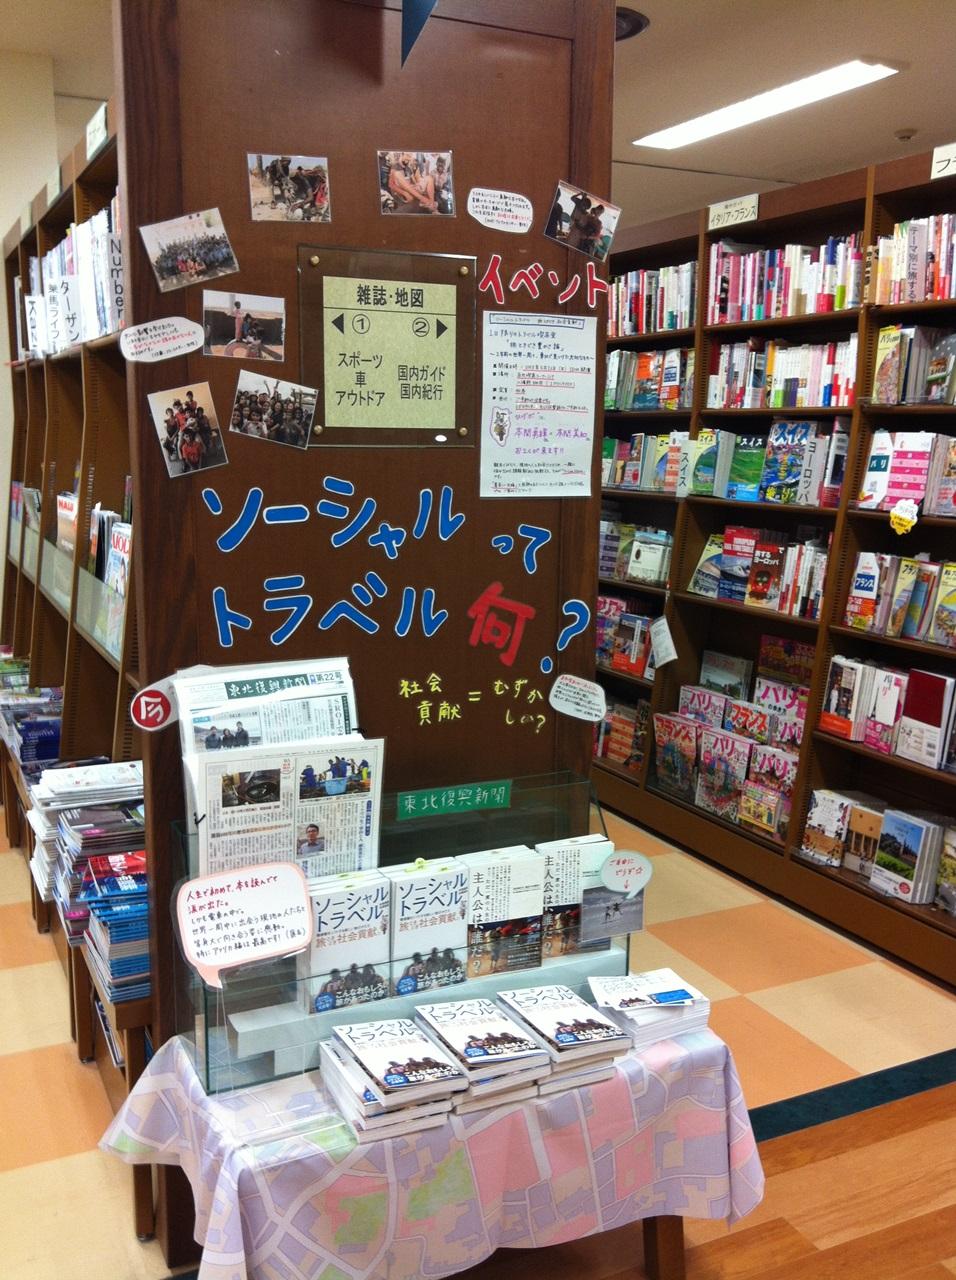 肝入り、いただいてます。 5/12イベント決定@ジュンク堂渋谷